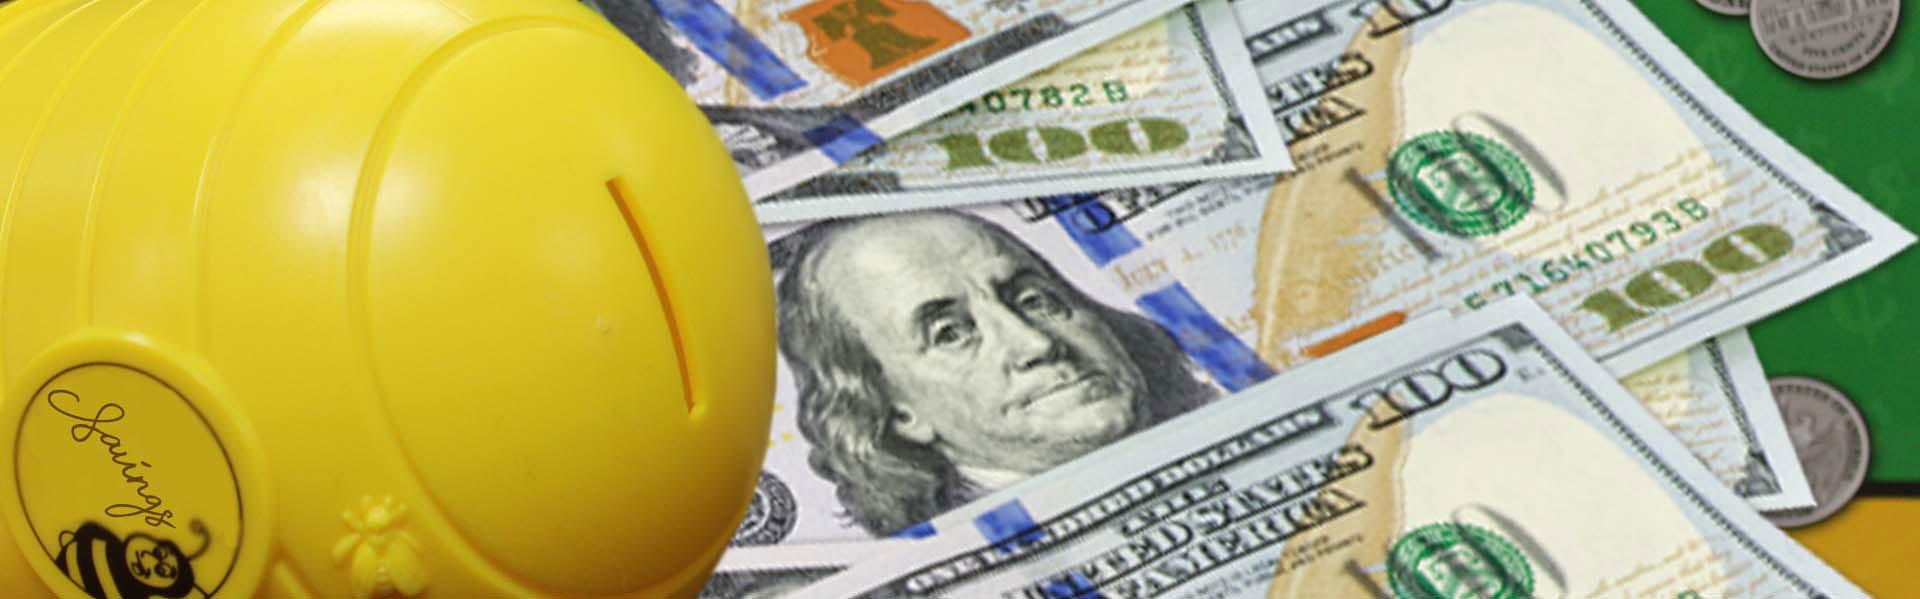 Cuentas de ahorros Internation de IBC Bank